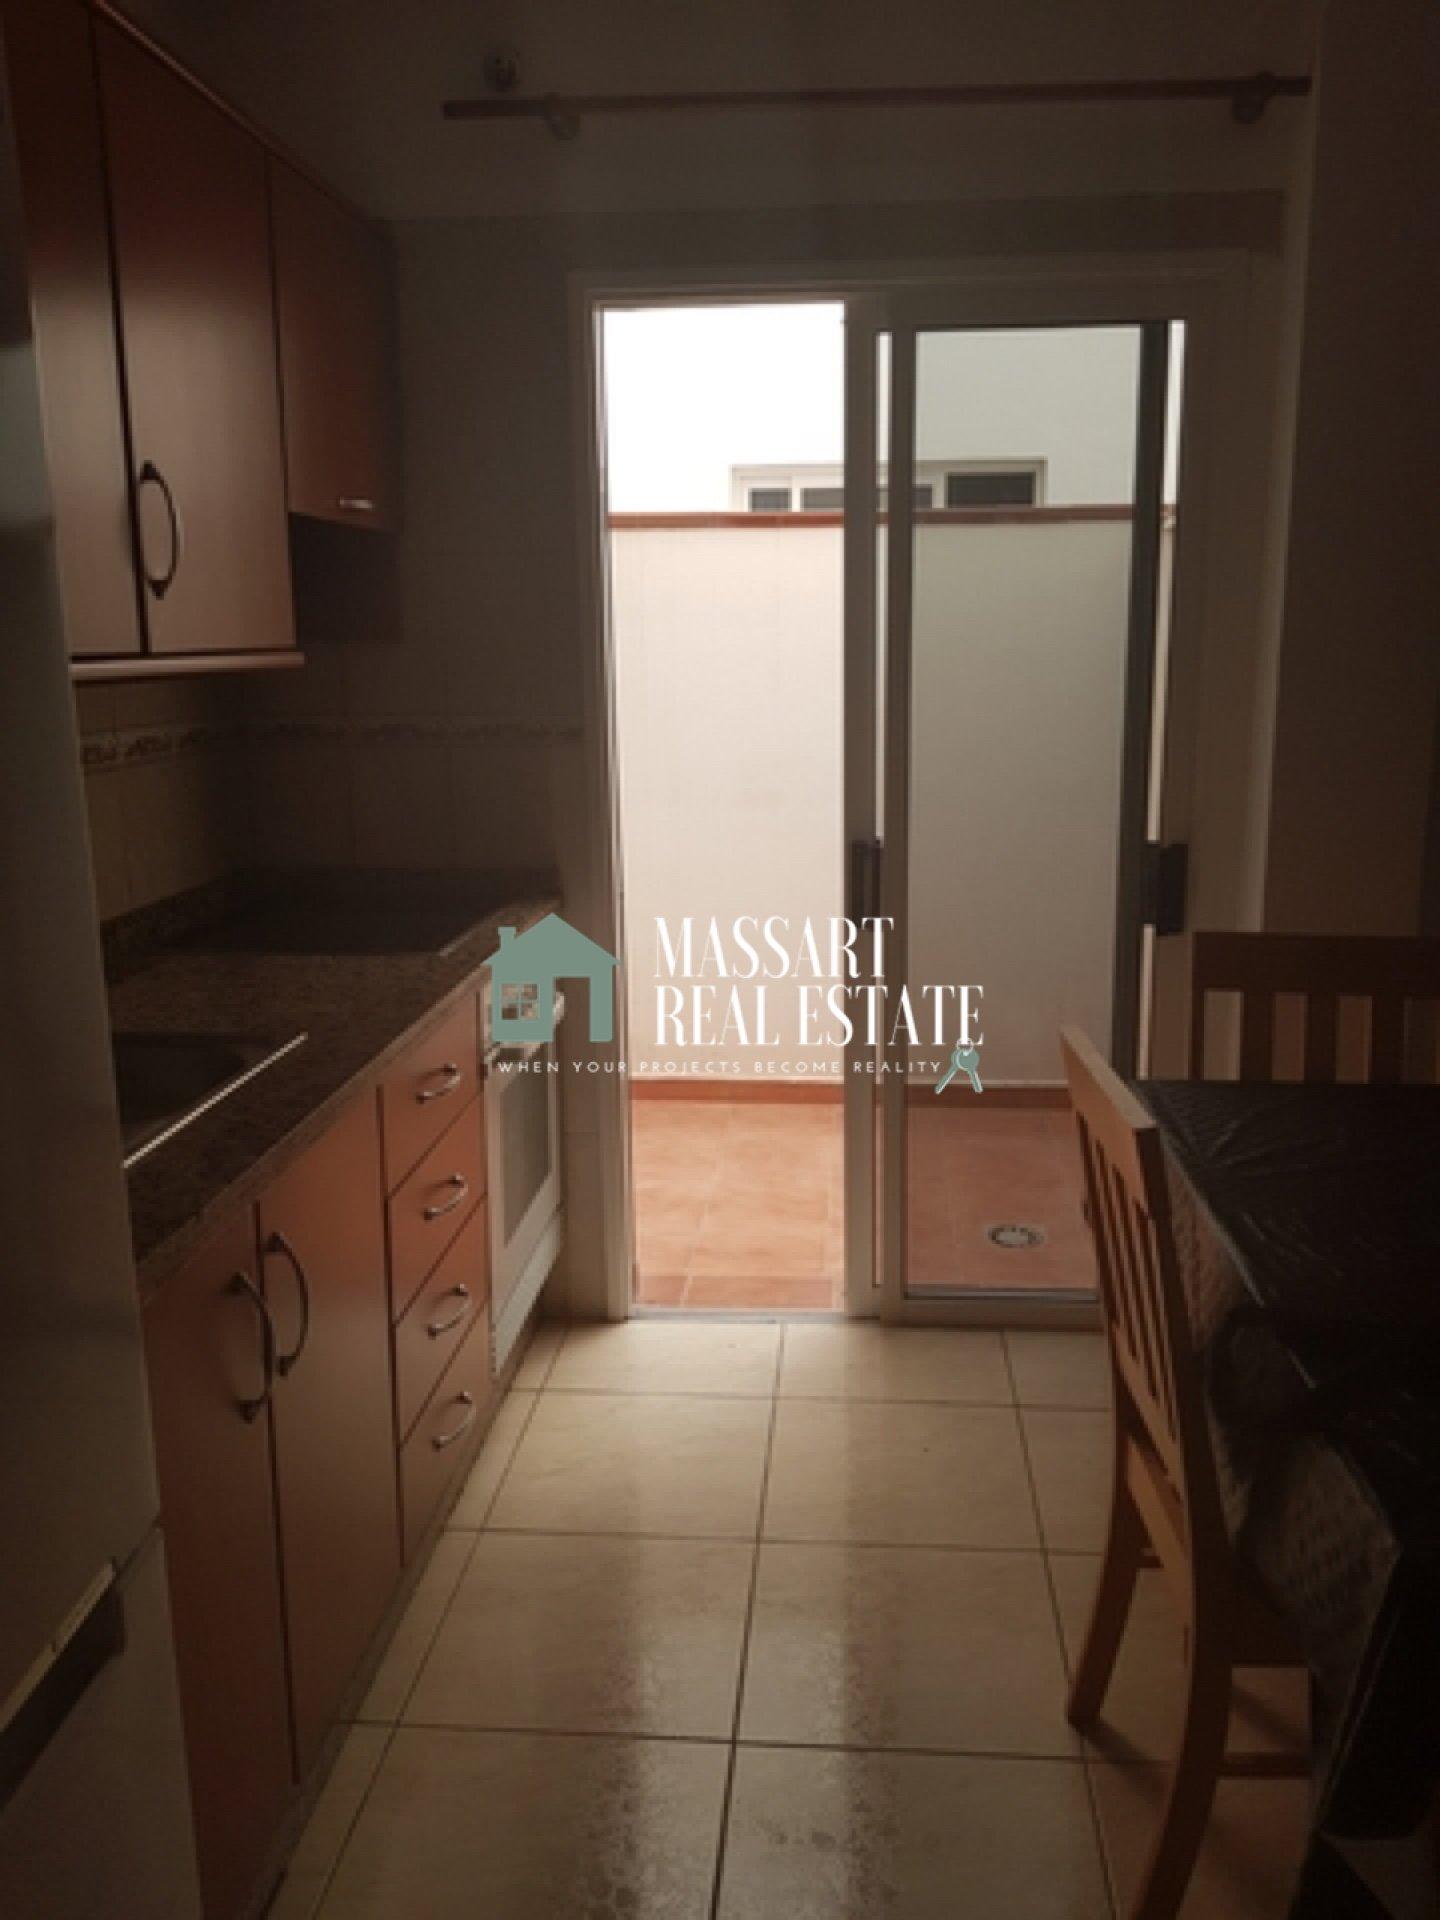 Te huur in een centrale wijk van San Isidro, 60 m2 gemeubileerd appartement gelegen op de begane grond van een zeer rustig gebouw.